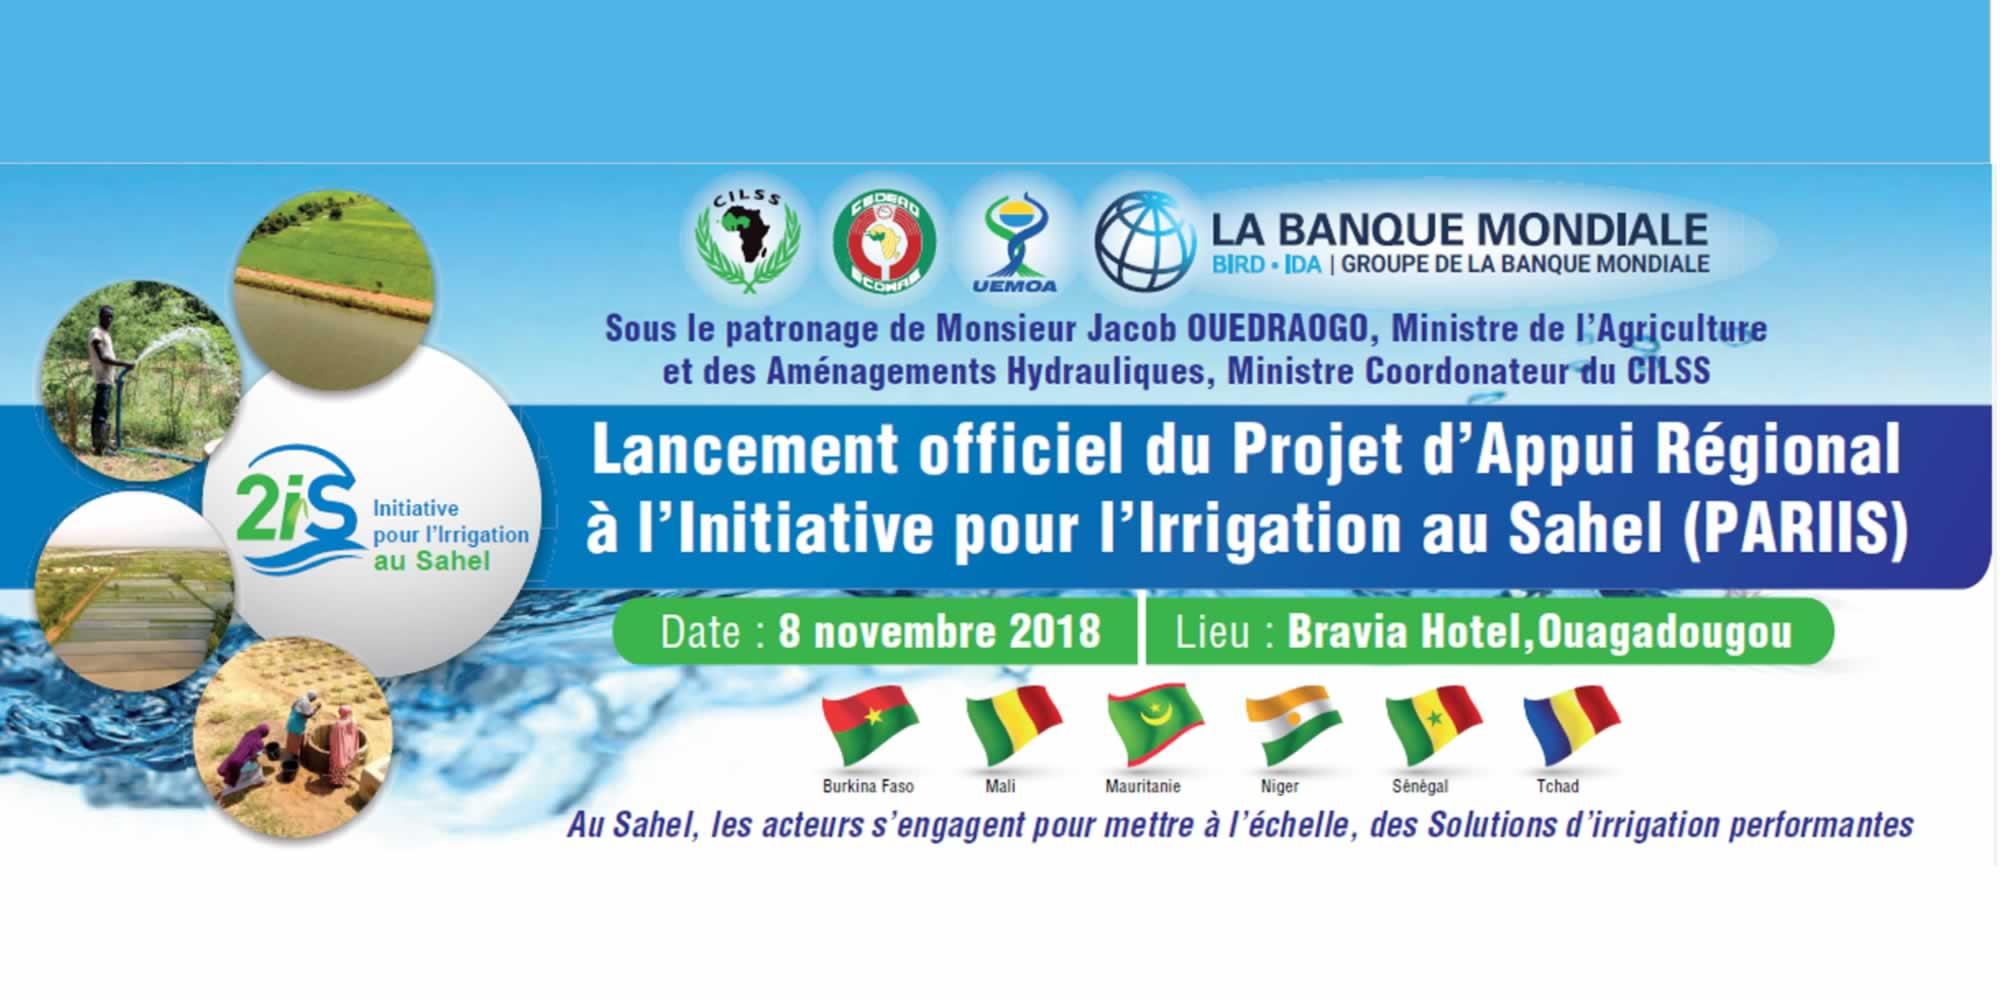 Lancement officiel du Projet d'Appui Régional à l'Initiative pour l'Irrigation au Sahel  (PARIIS) le 08 novembre 2018 à Ouagadougou.